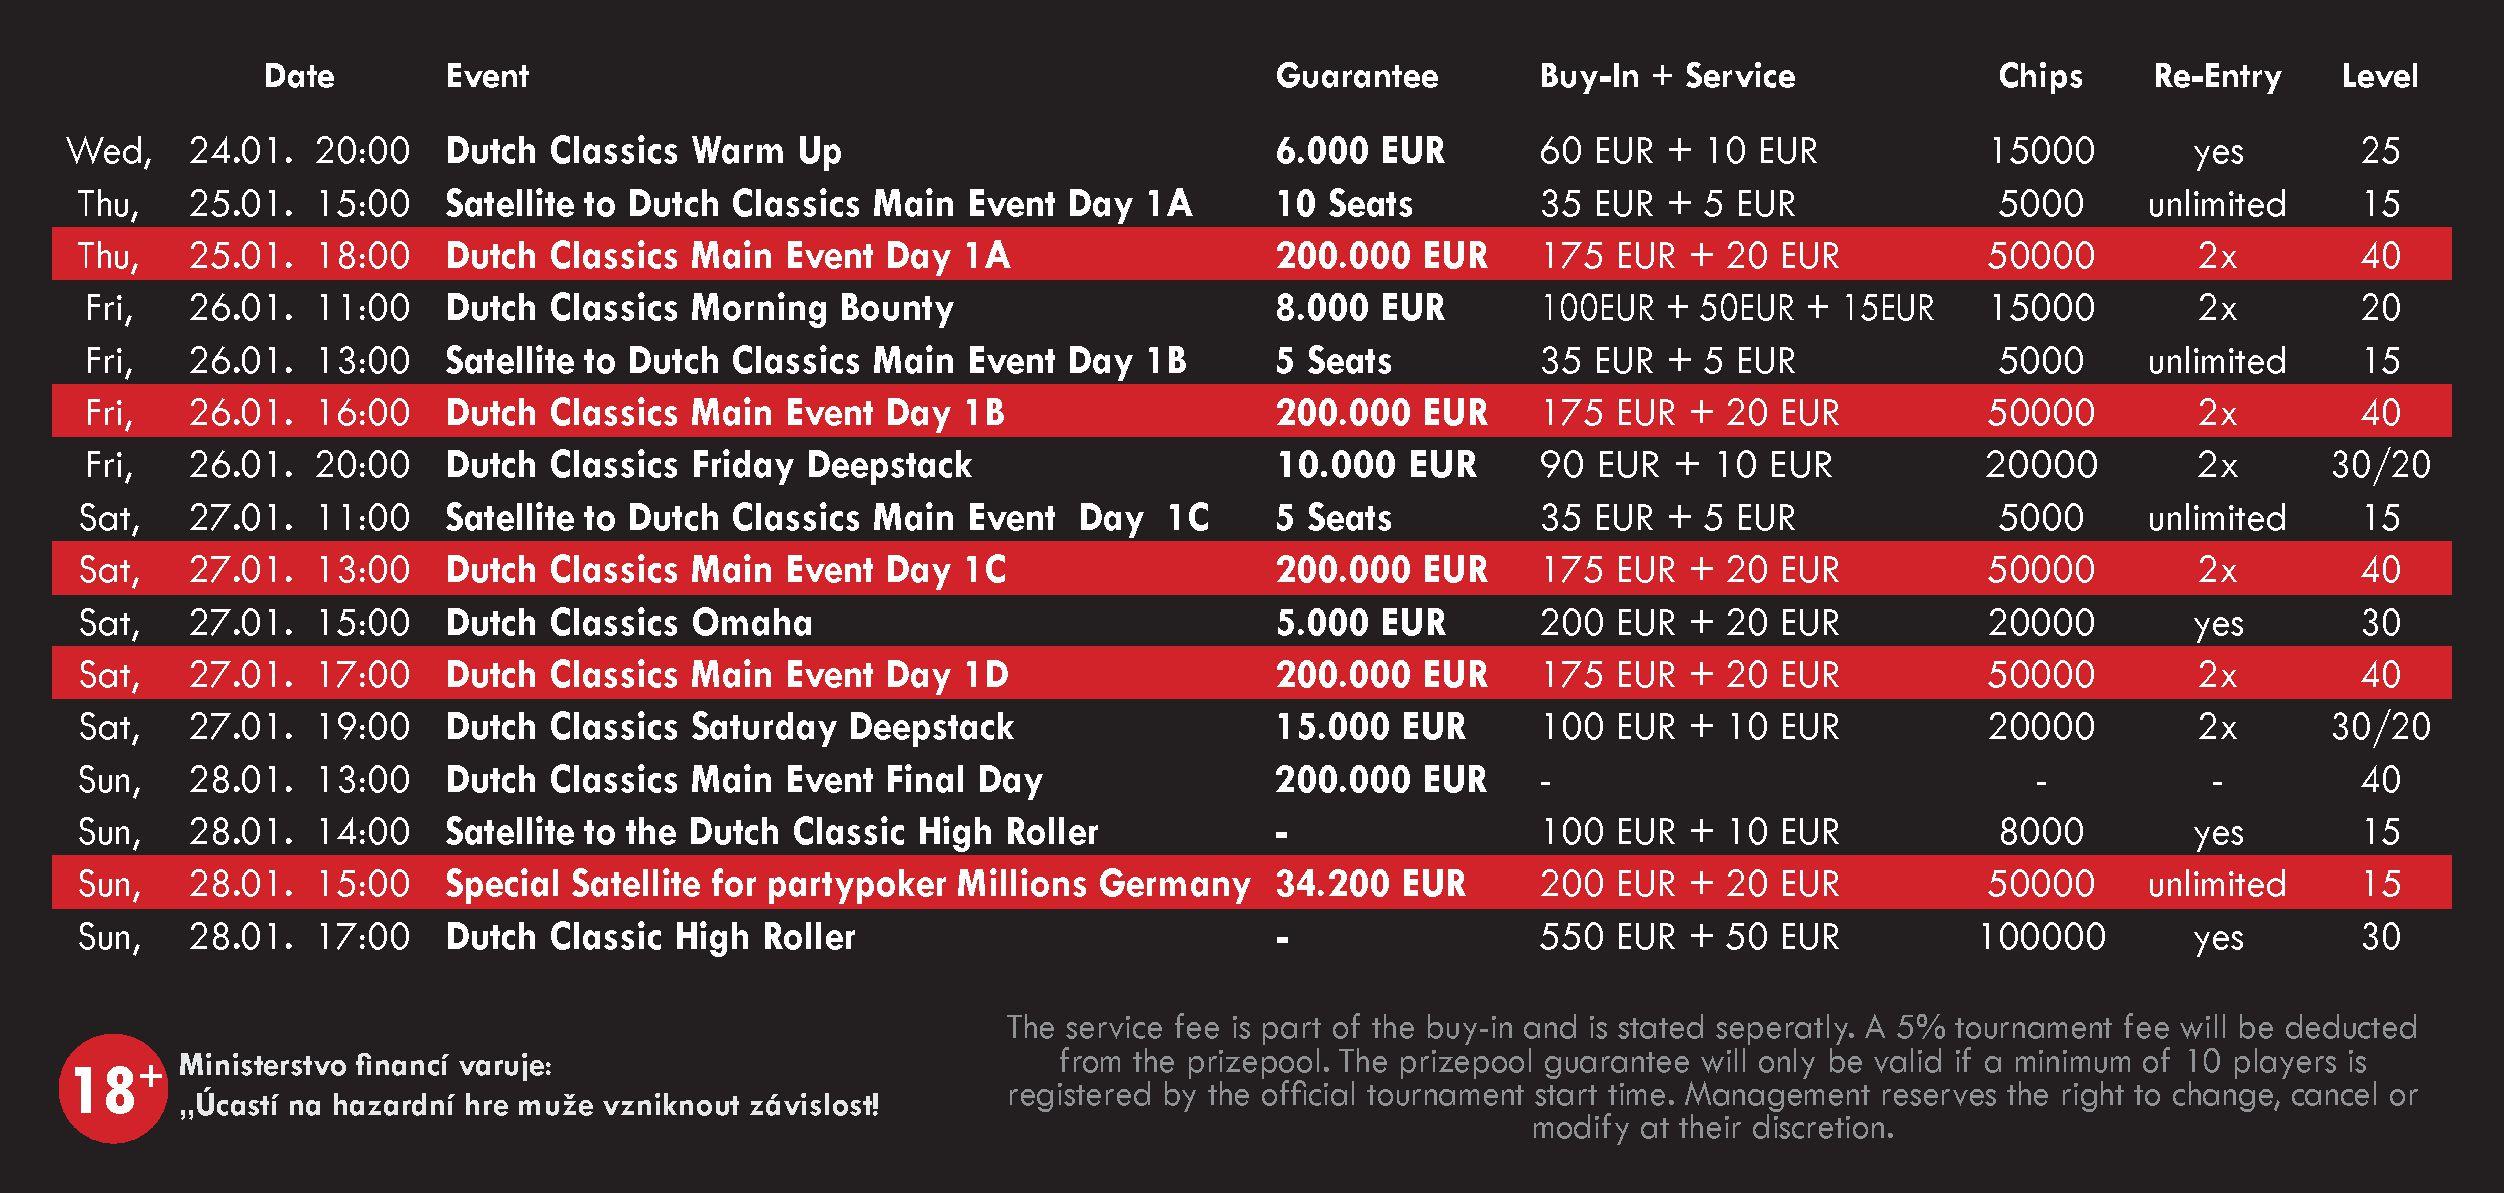 Dutch Classics Schedule